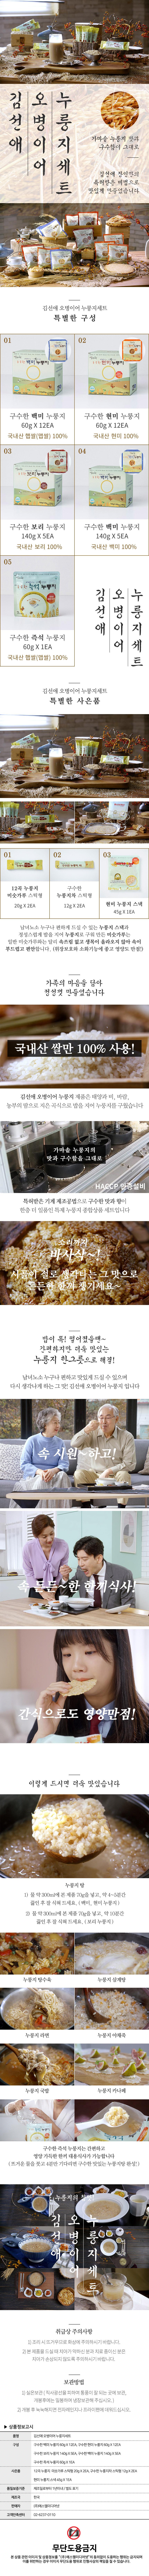 김선애오병이어 누룽지 종합세트 가마솥누룽지 친환경우리쌀 특허받은비법 백미 현미 보리